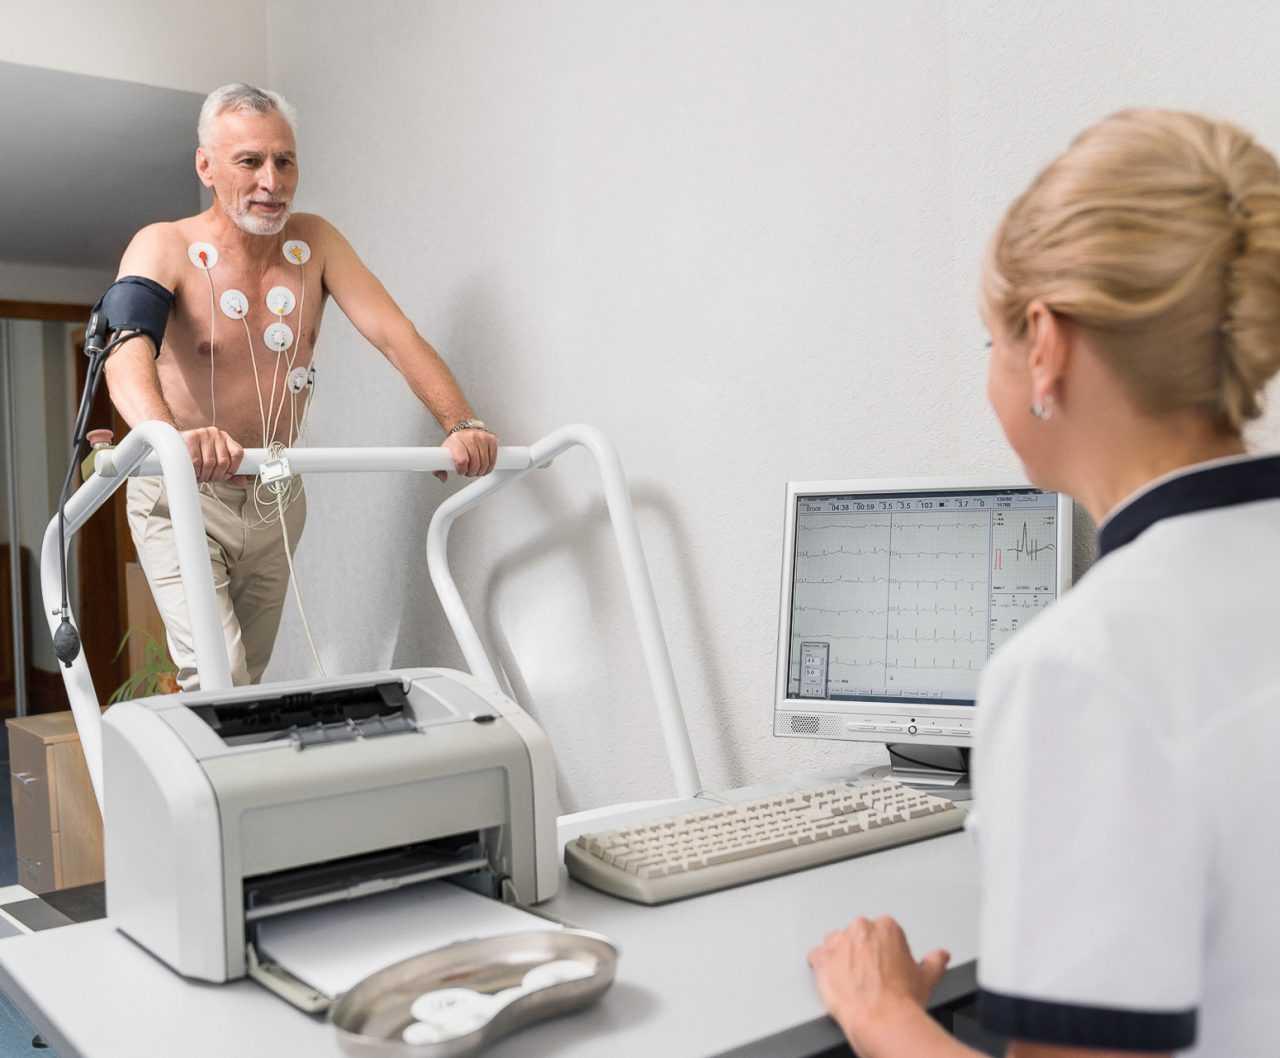 Комплексна діагностика організму, медичний центр Rixos